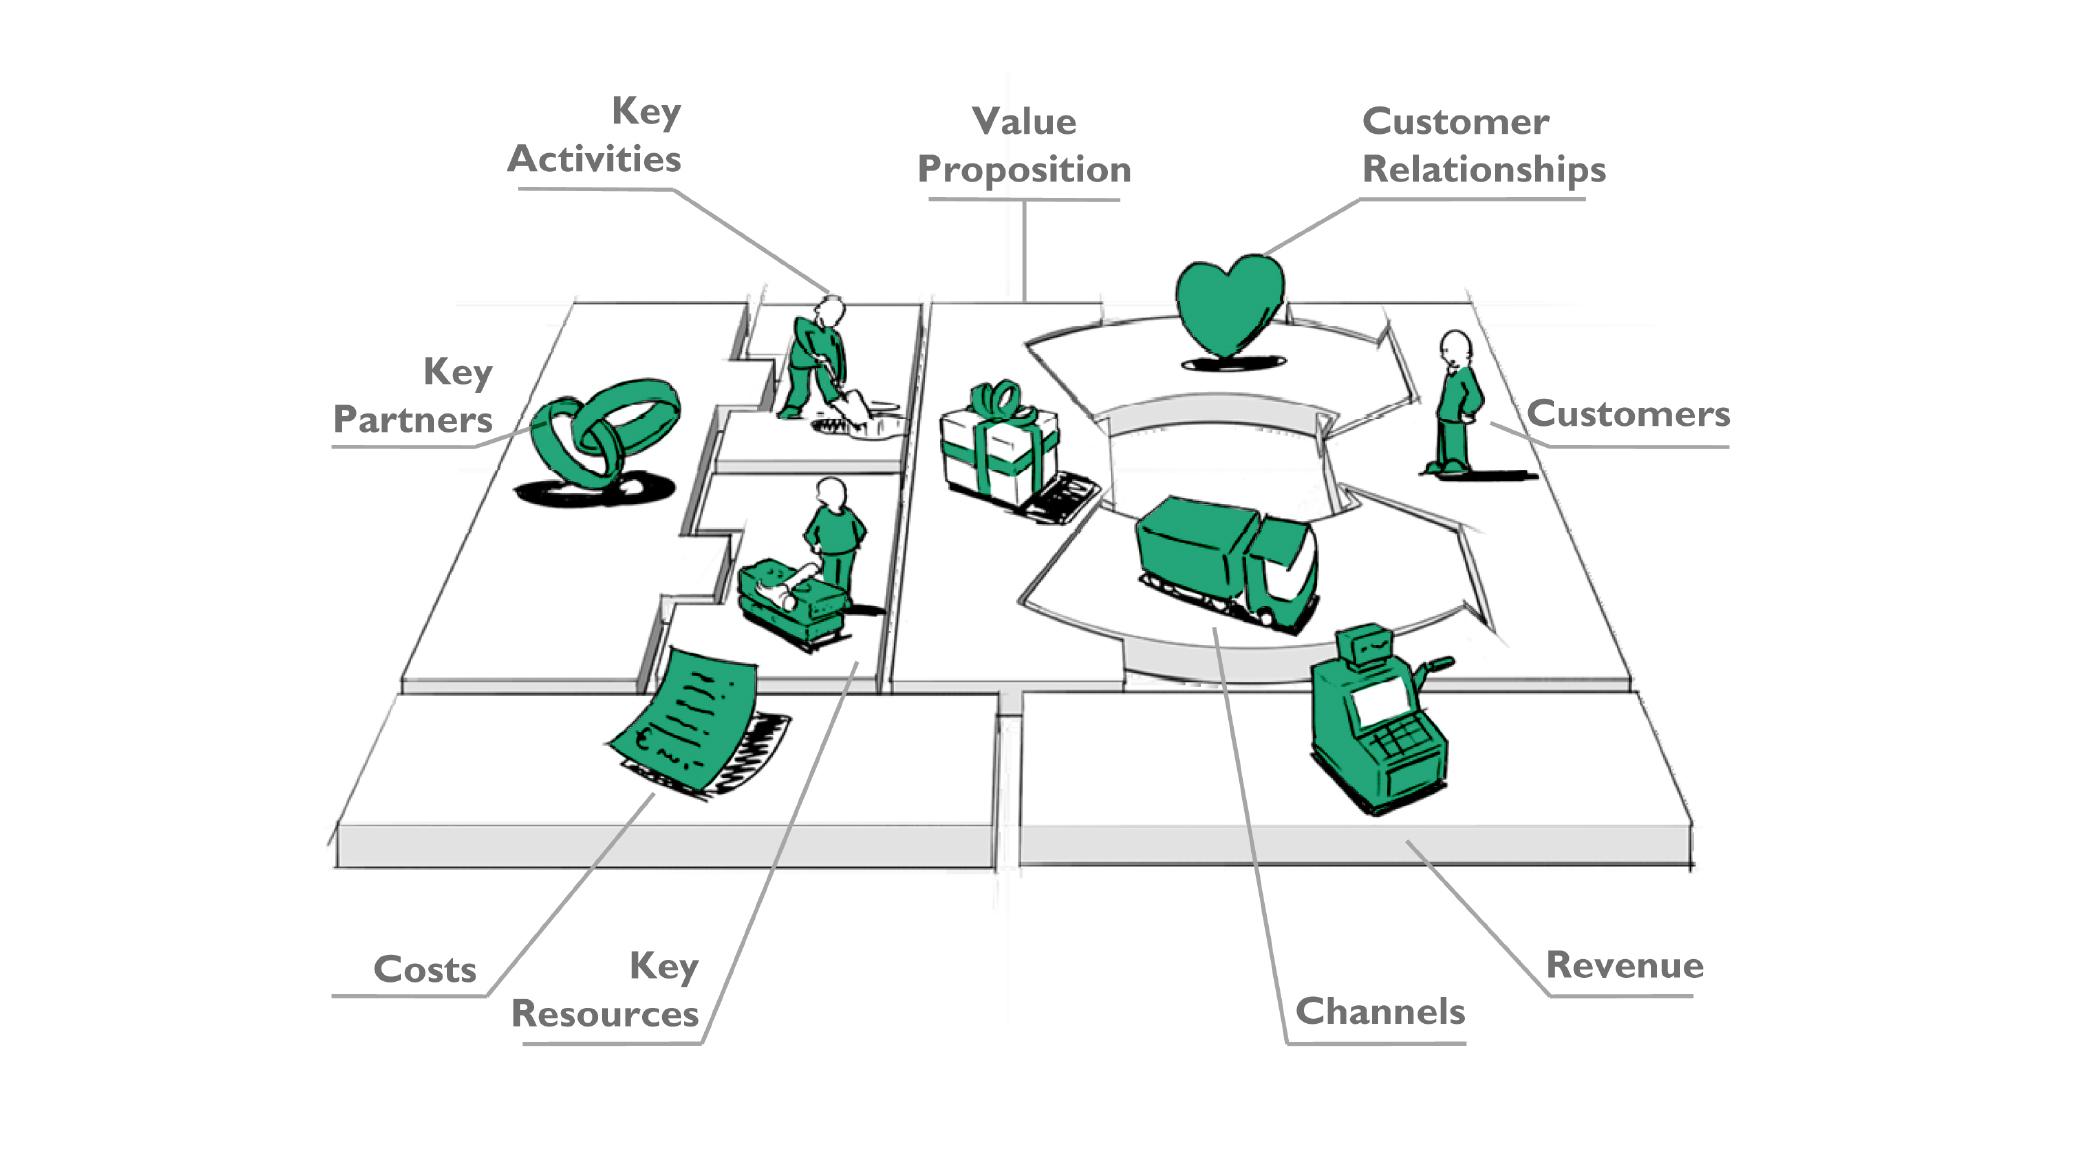 de marketing Iii webdesign aus mayen - koblenz konzeption, responsive webdesign & online marketing iii sie bekommen eine seite,  marketing-falkede.